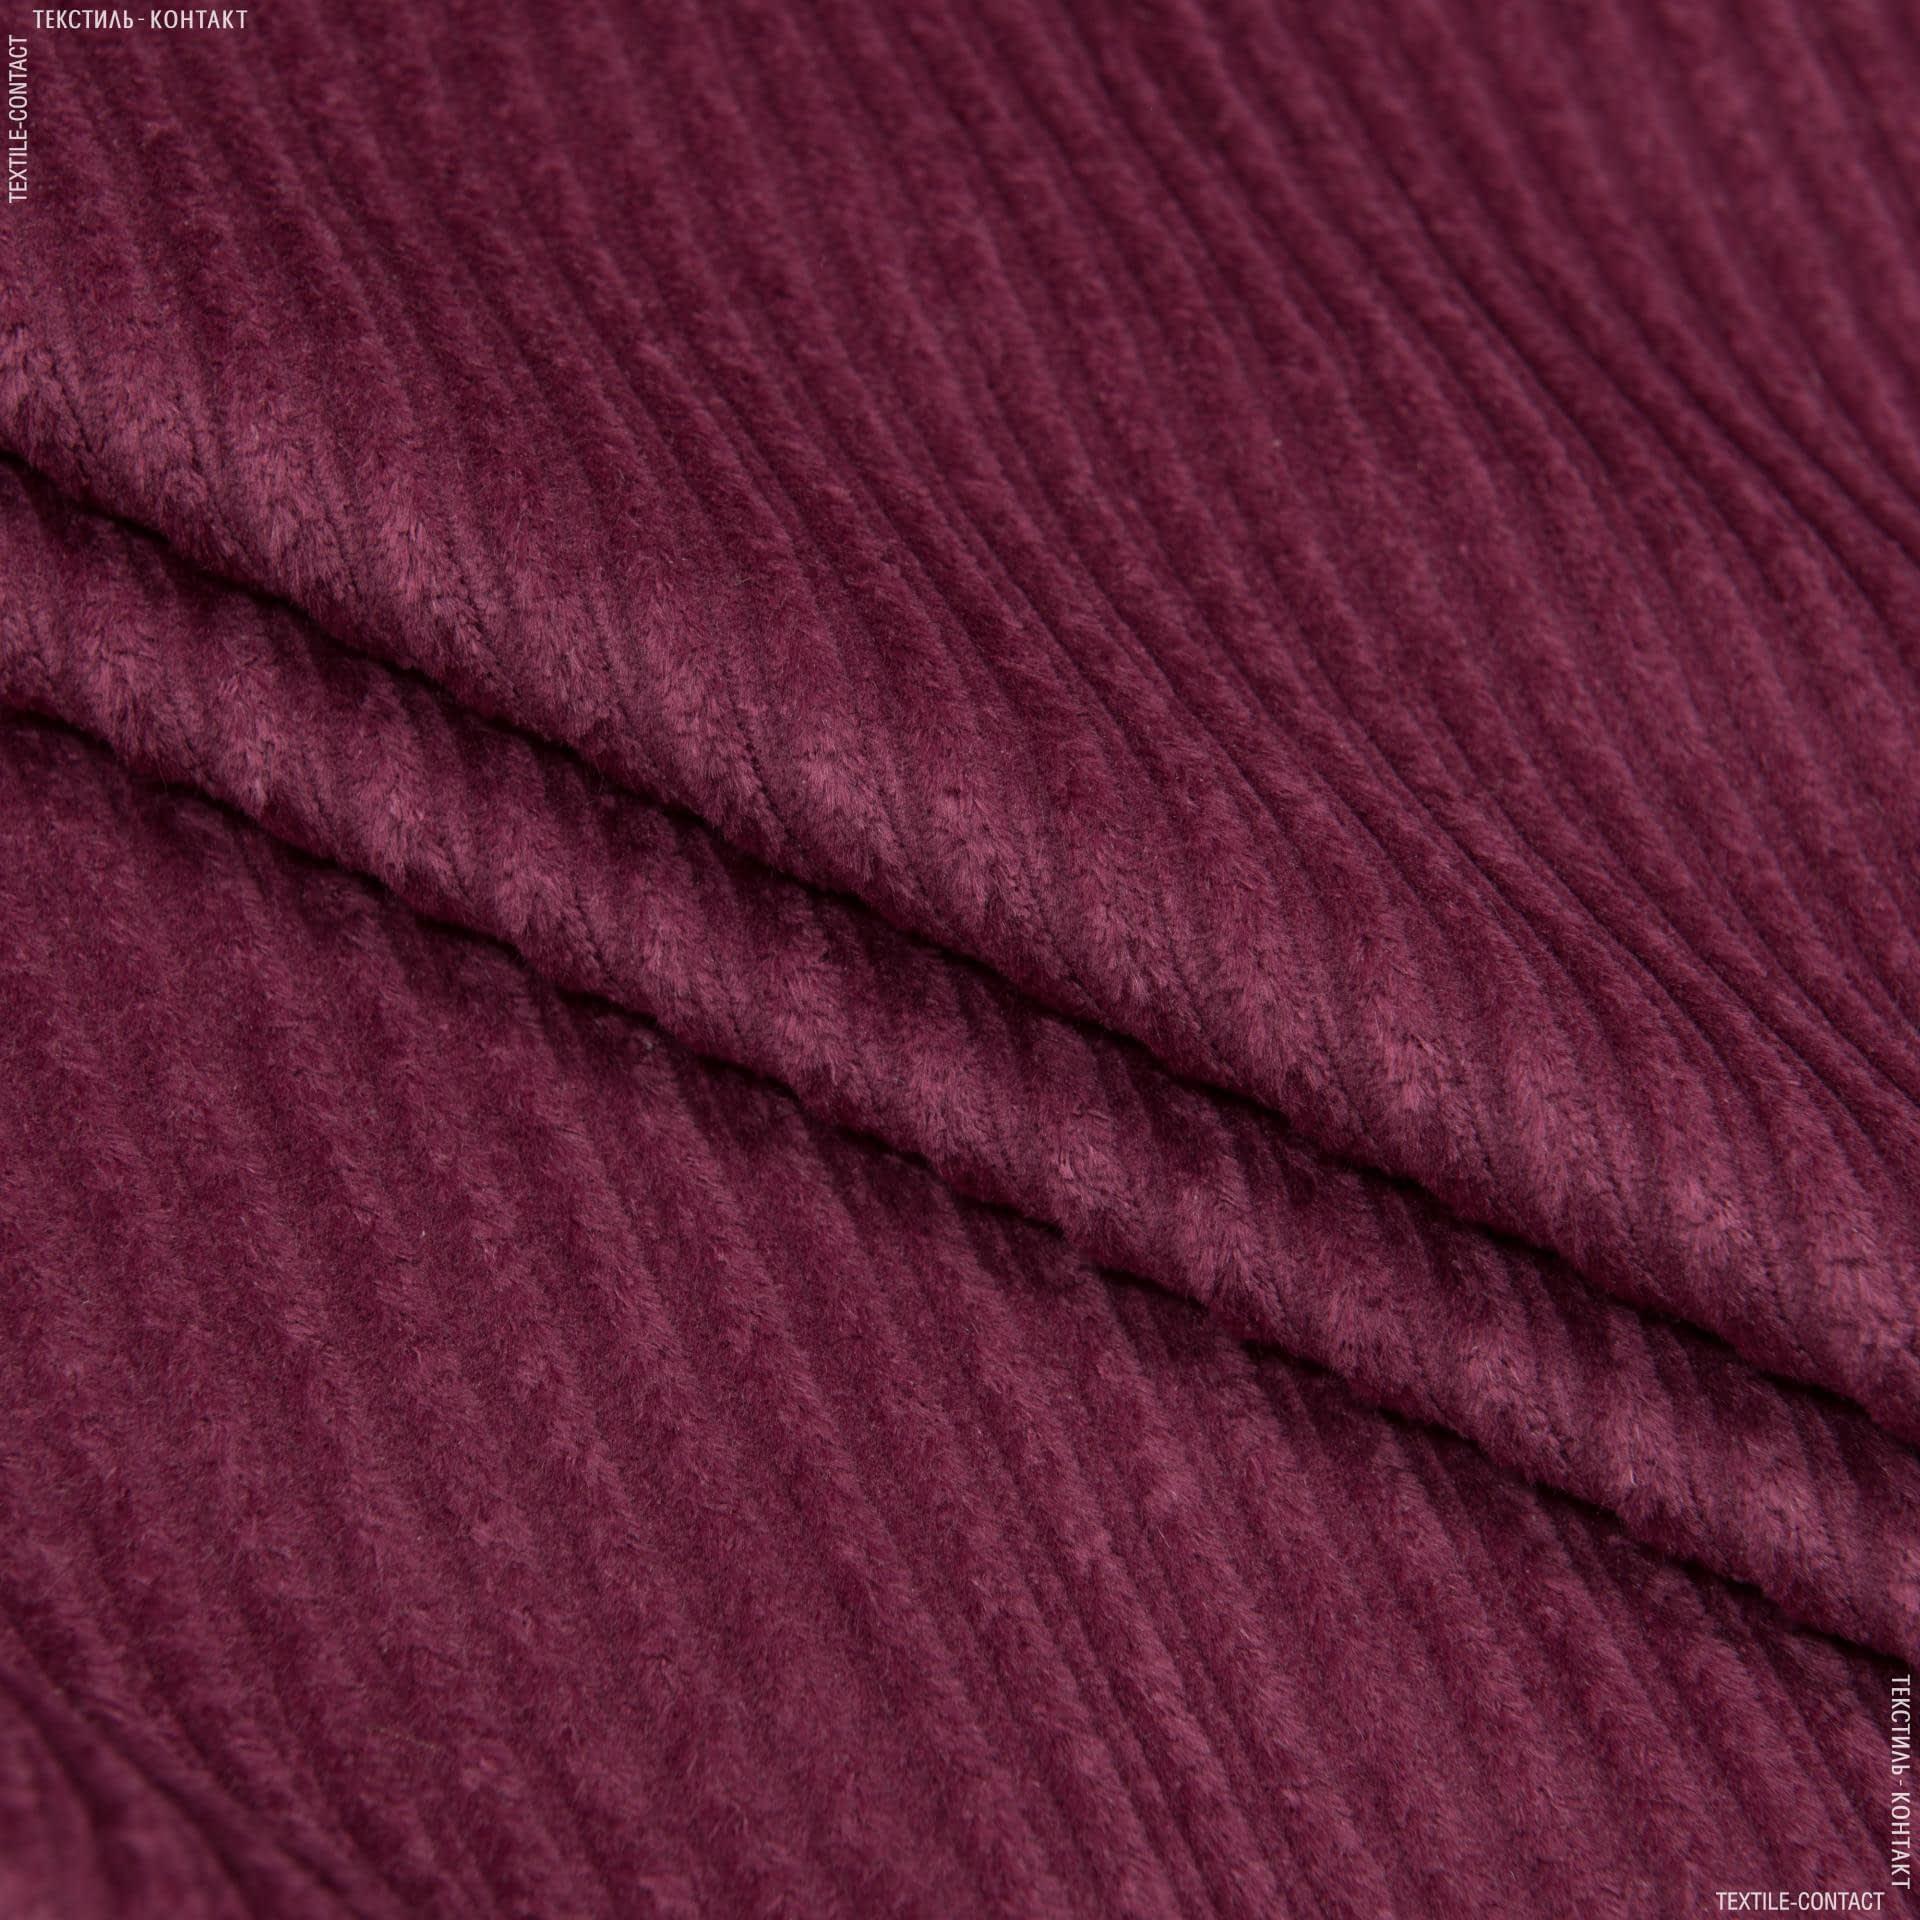 Ткани для верхней одежды - Вельвет крупный  вишневый